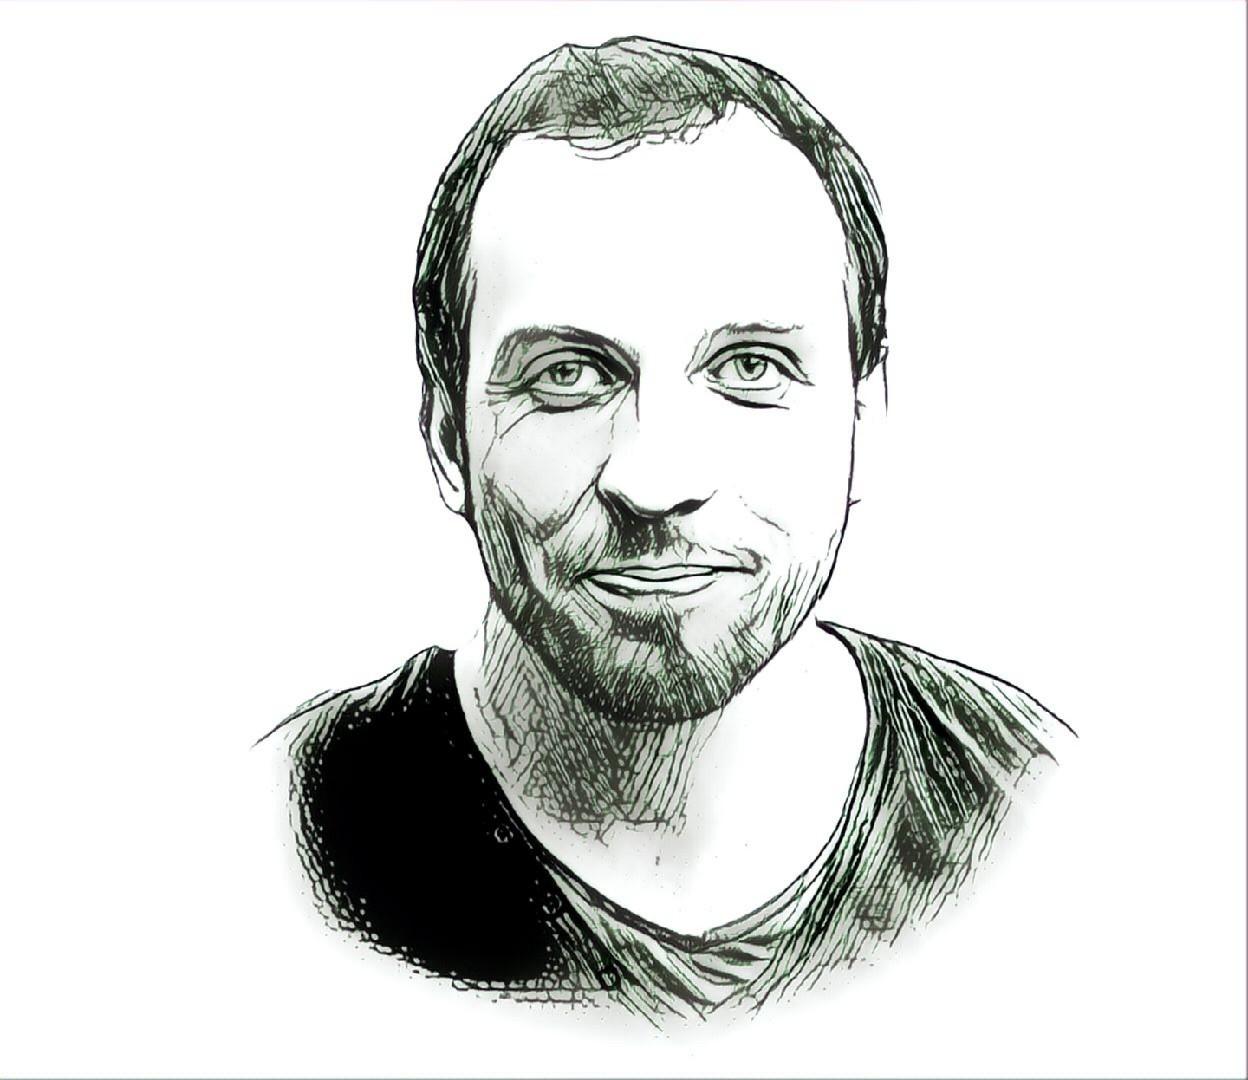 Laurent Mertz